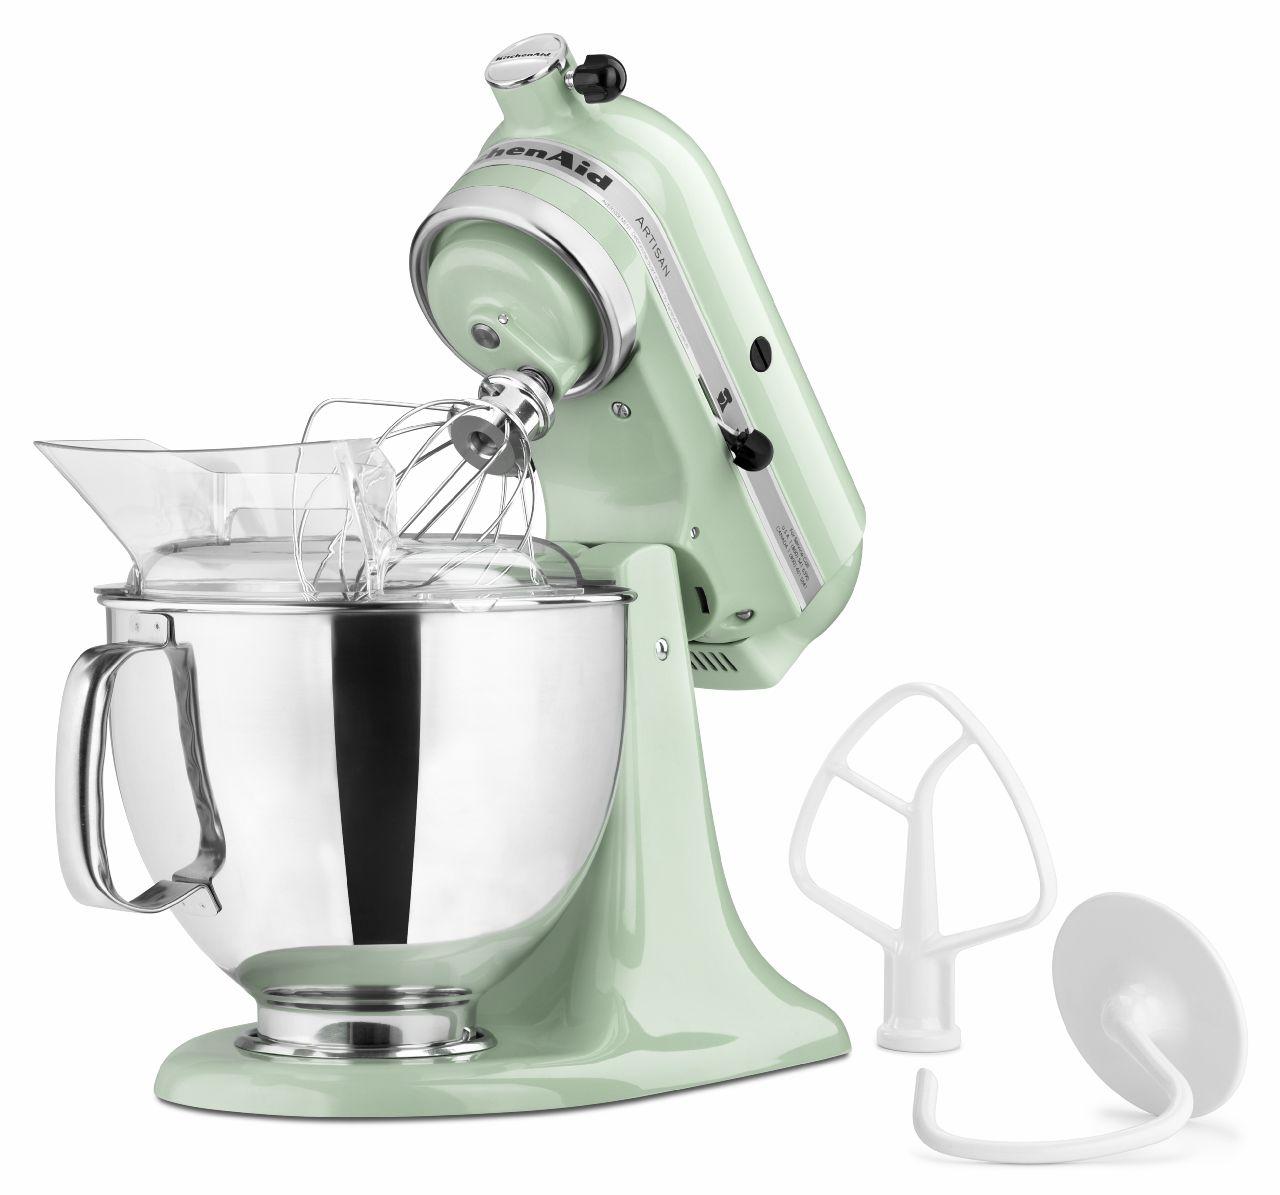 KitchenAid Artisan Series 5 Quart Stand Mixer - Pistachio